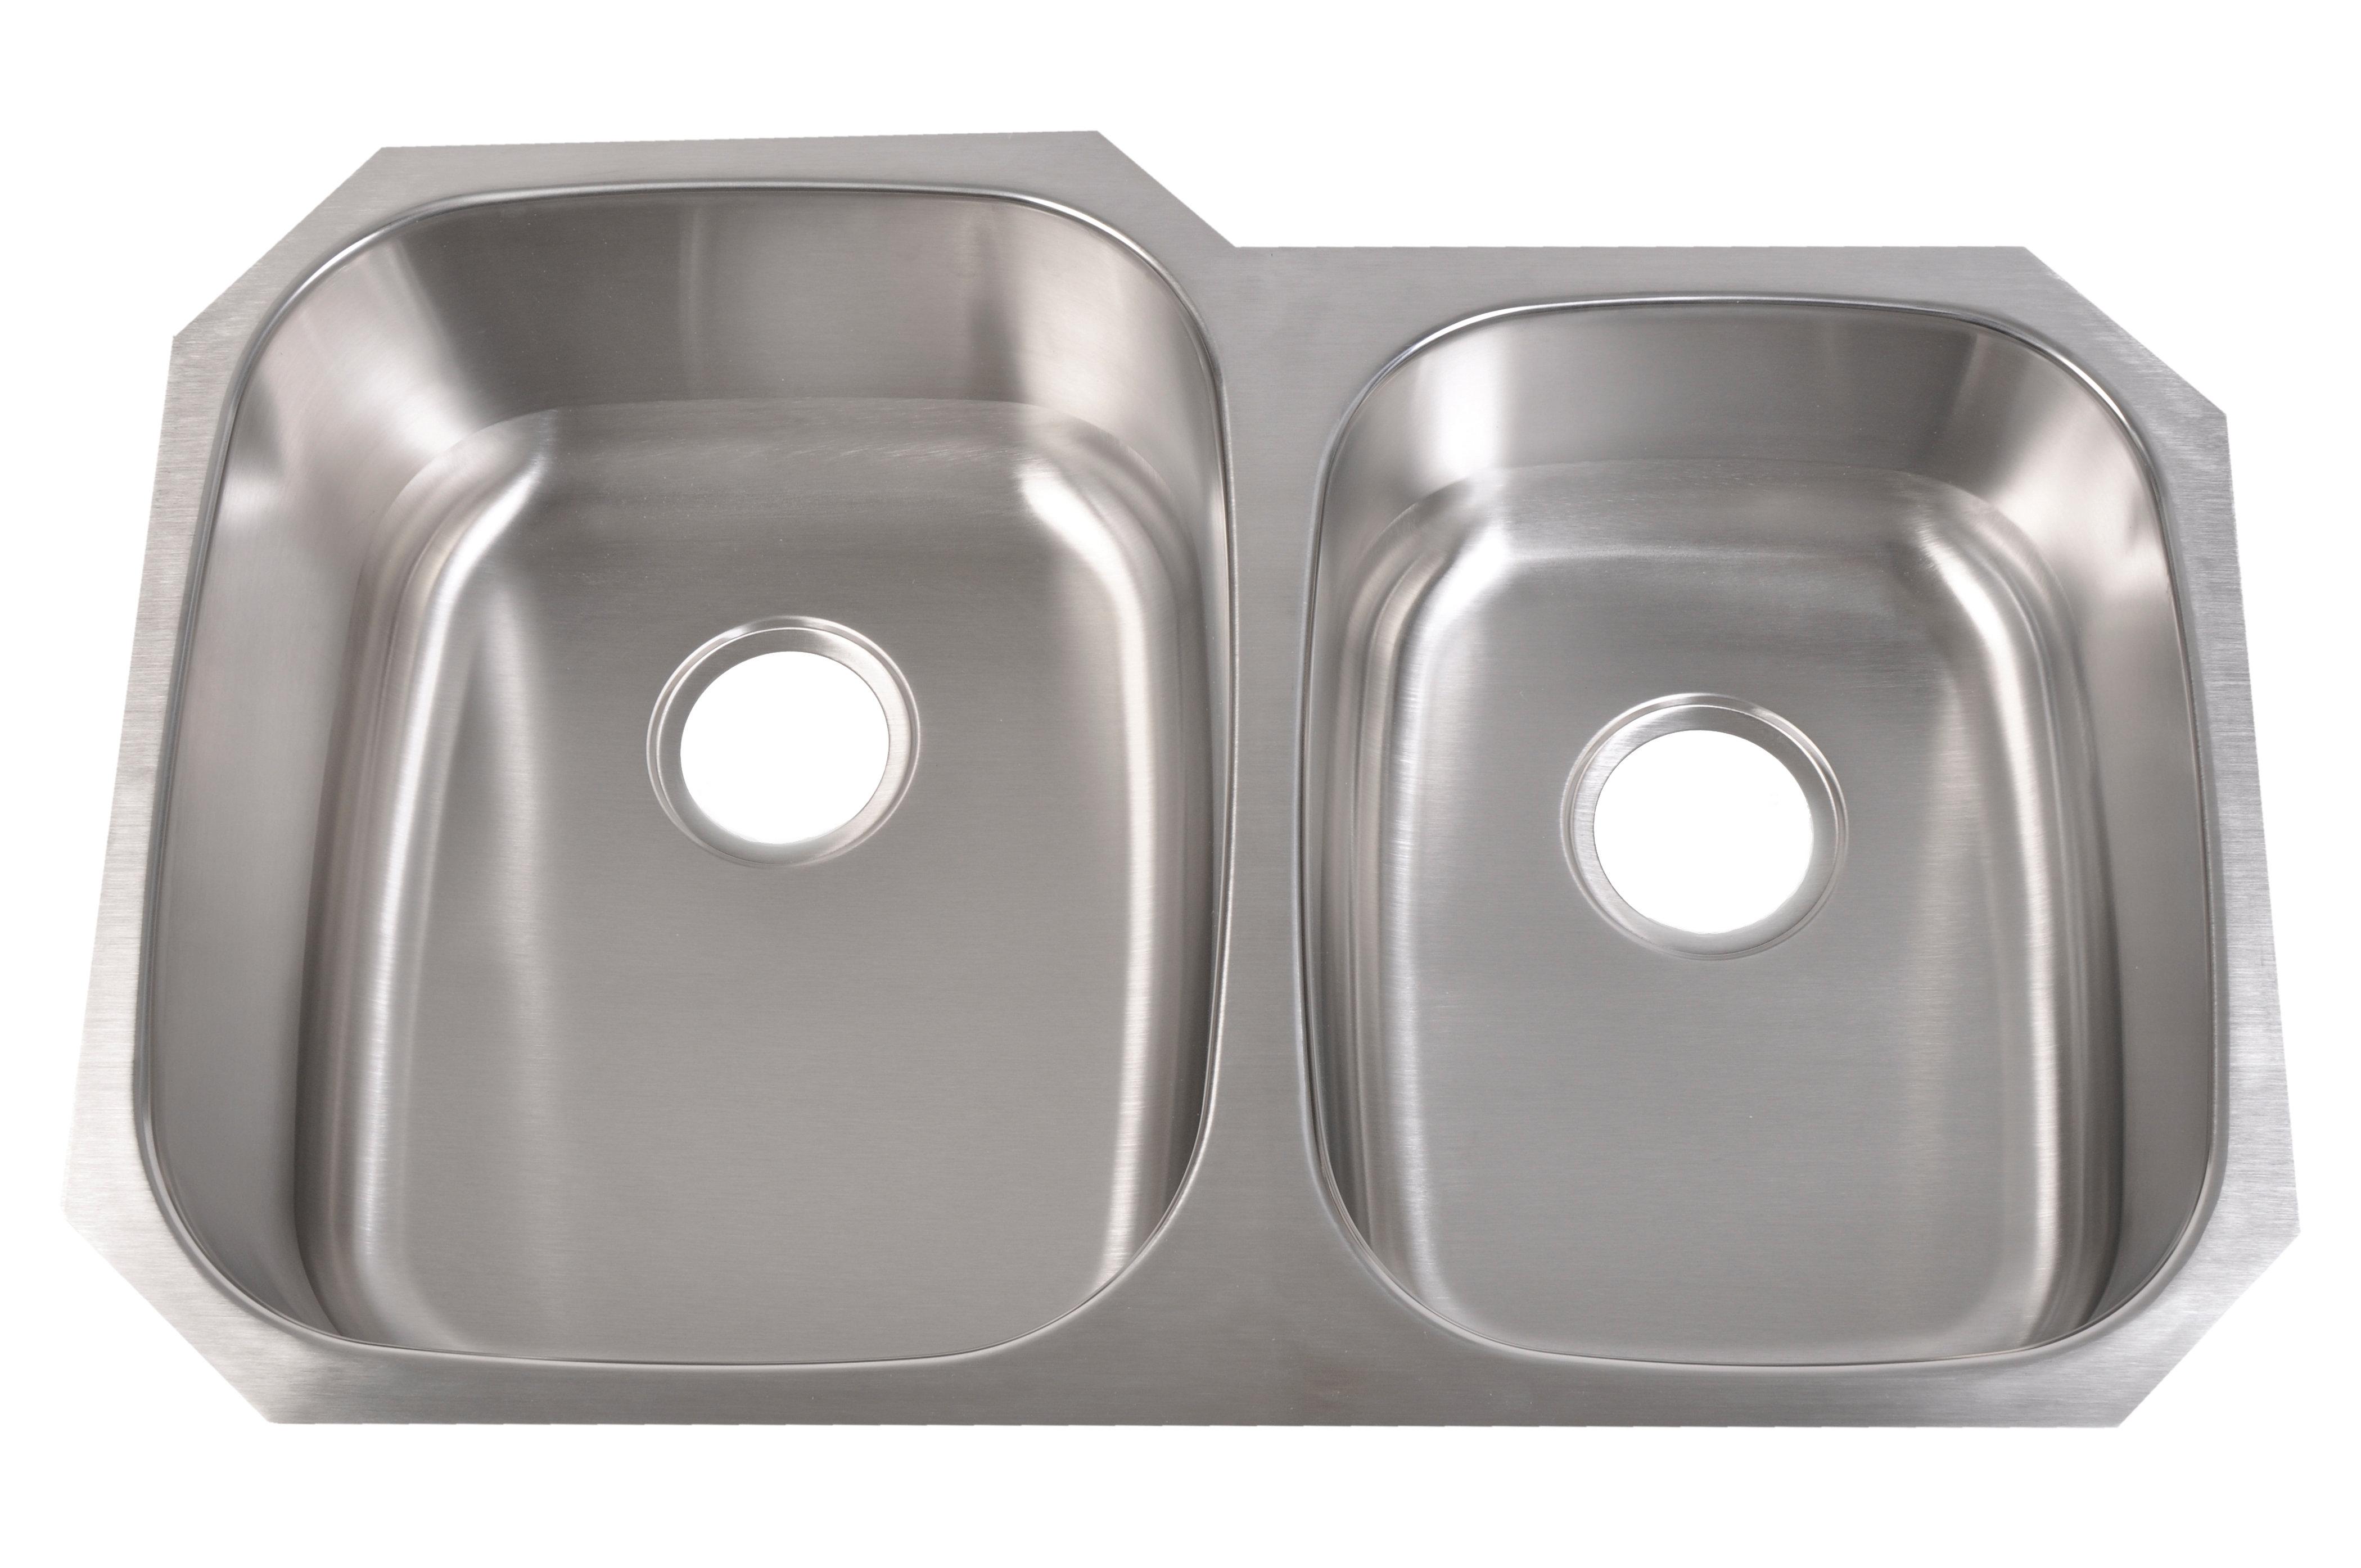 Standard Radius Undermount 60/40 Sink | bt-kitchen-and-bath